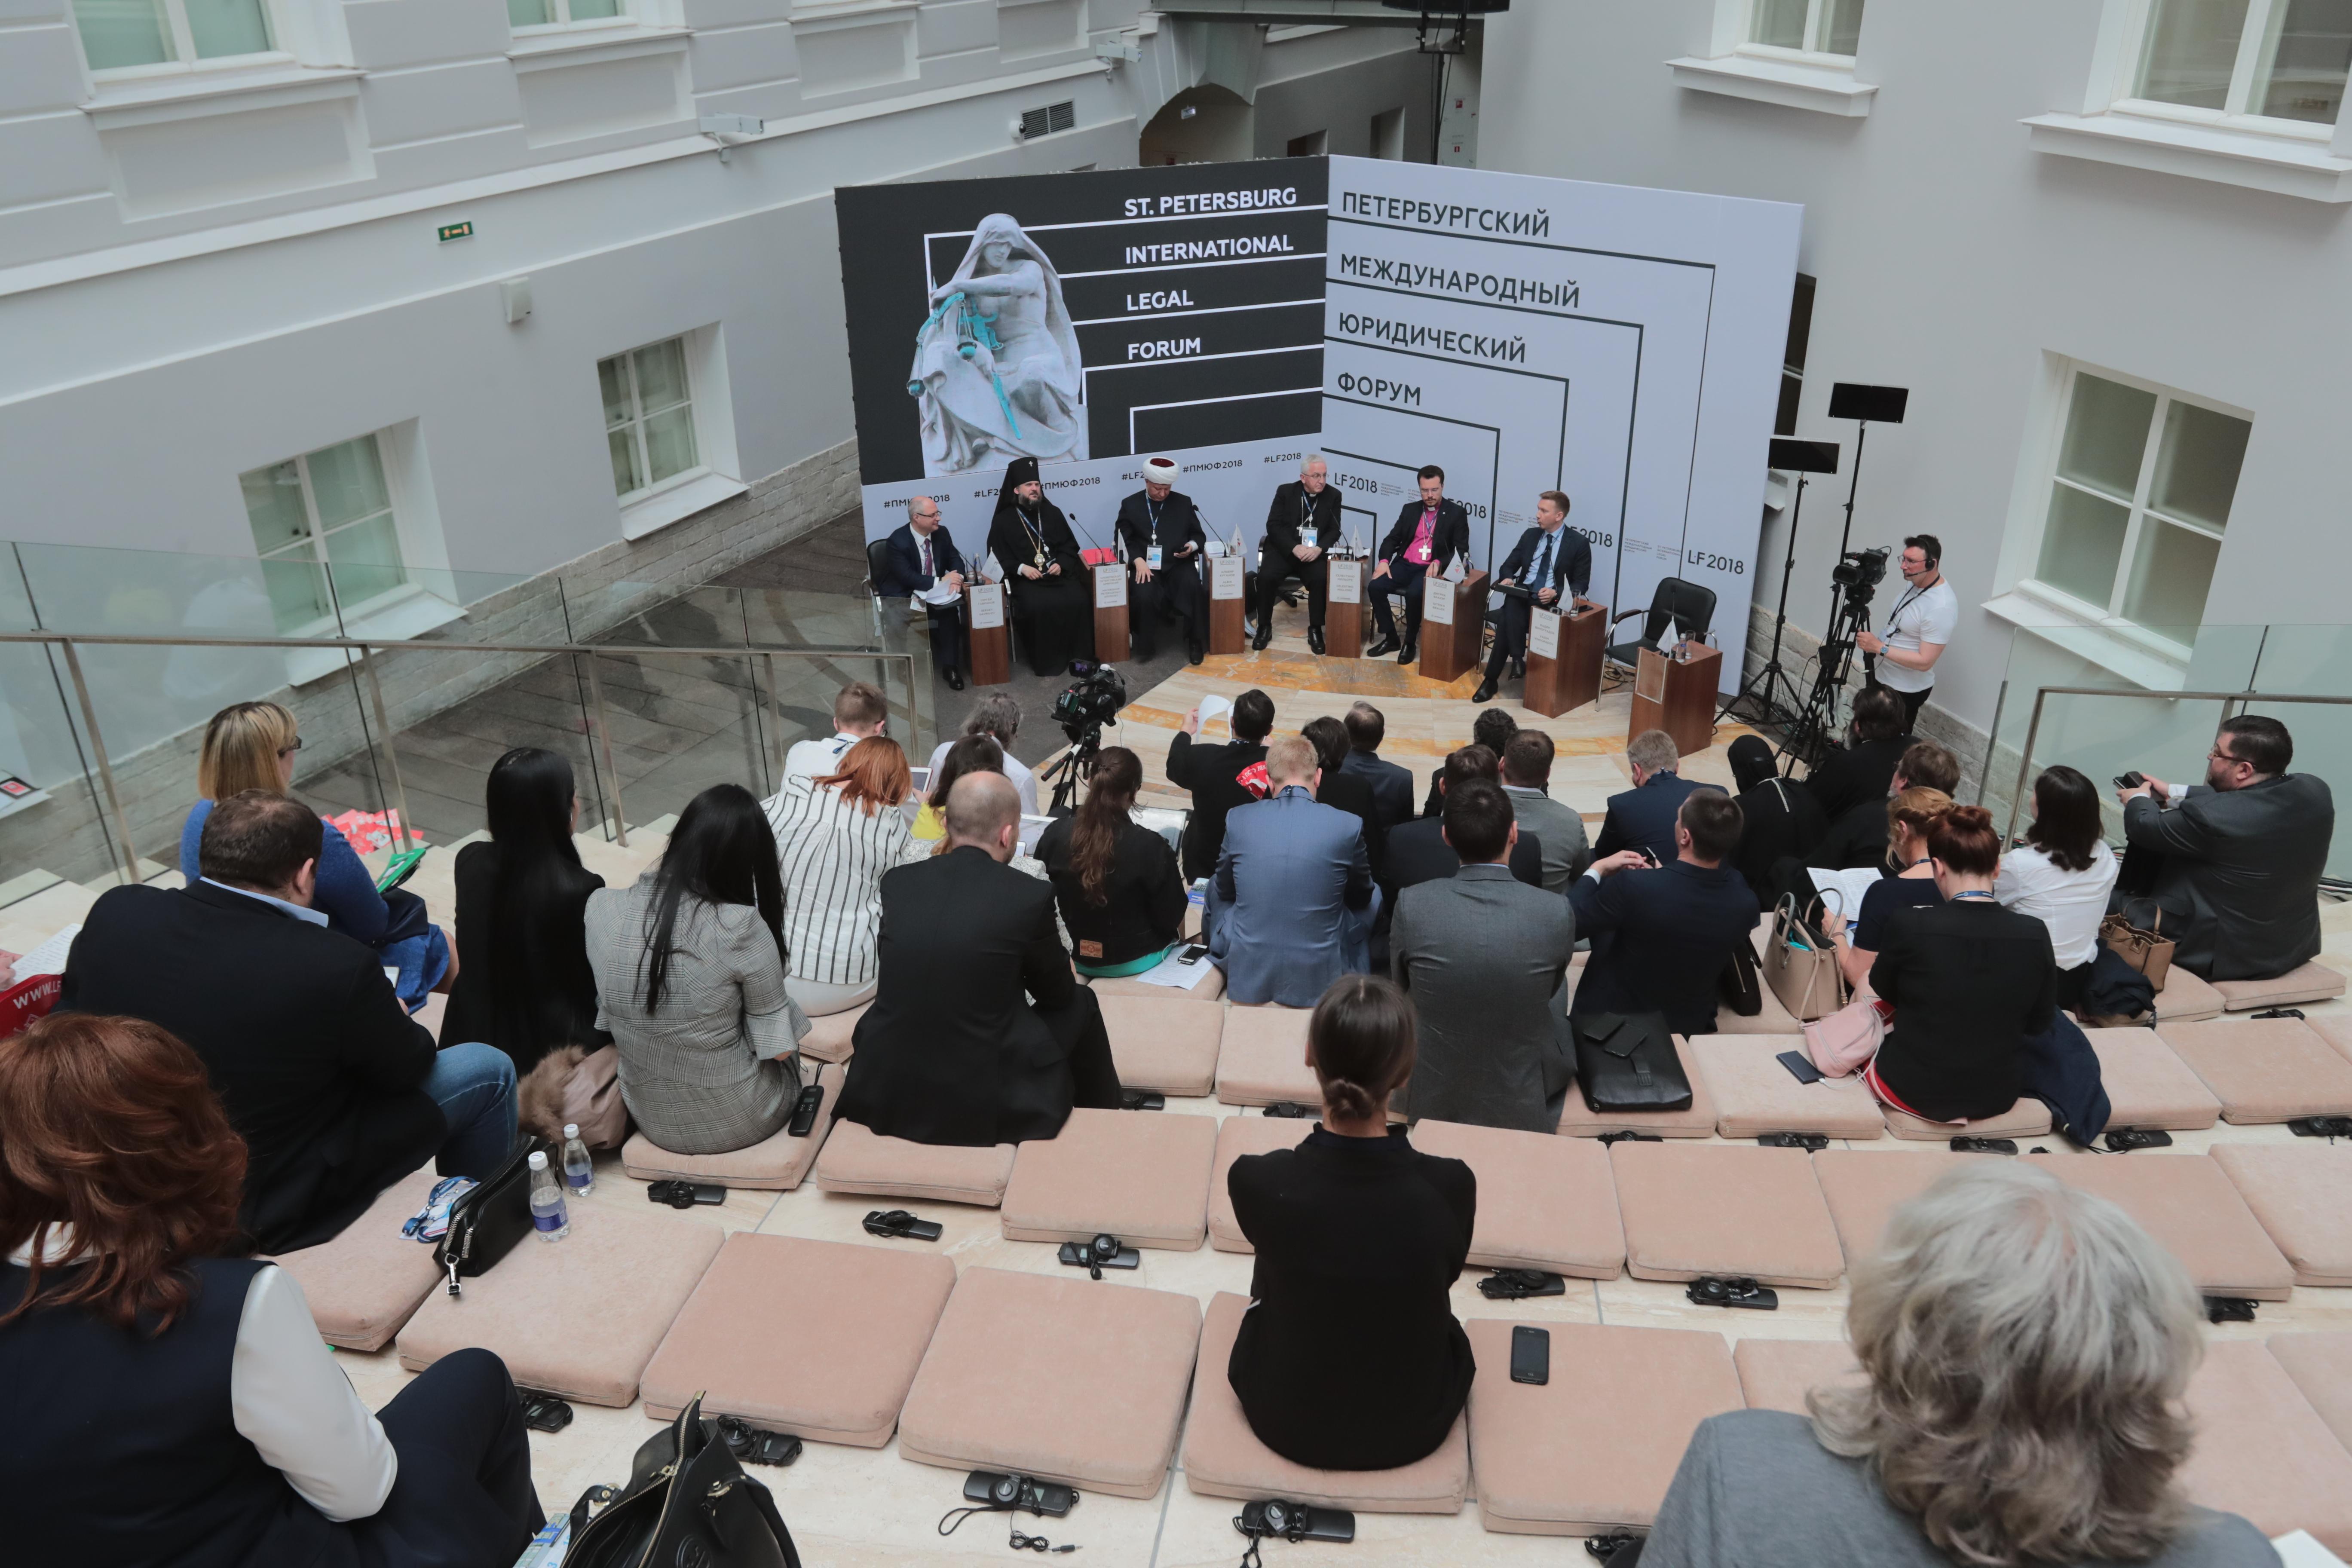 Ректор Академии выступил на Петербургском Международном Юридическом Форуме